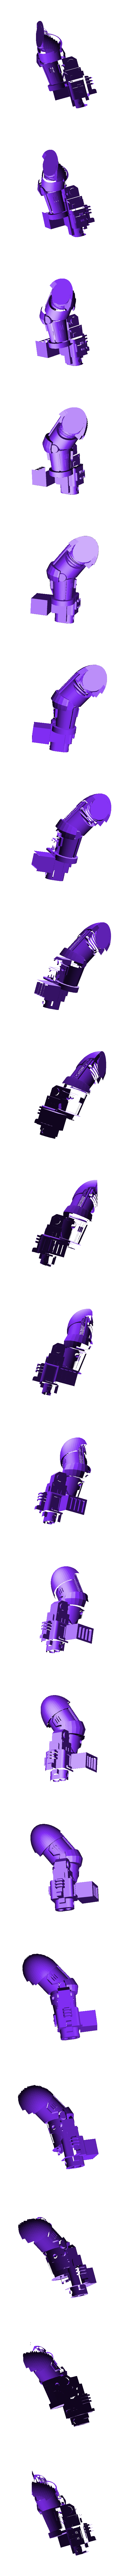 Arm 1 L SB.stl Télécharger fichier STL gratuit L'équipe des Chevaliers gris Primaris • Modèle pour imprimante 3D, joeldawson93